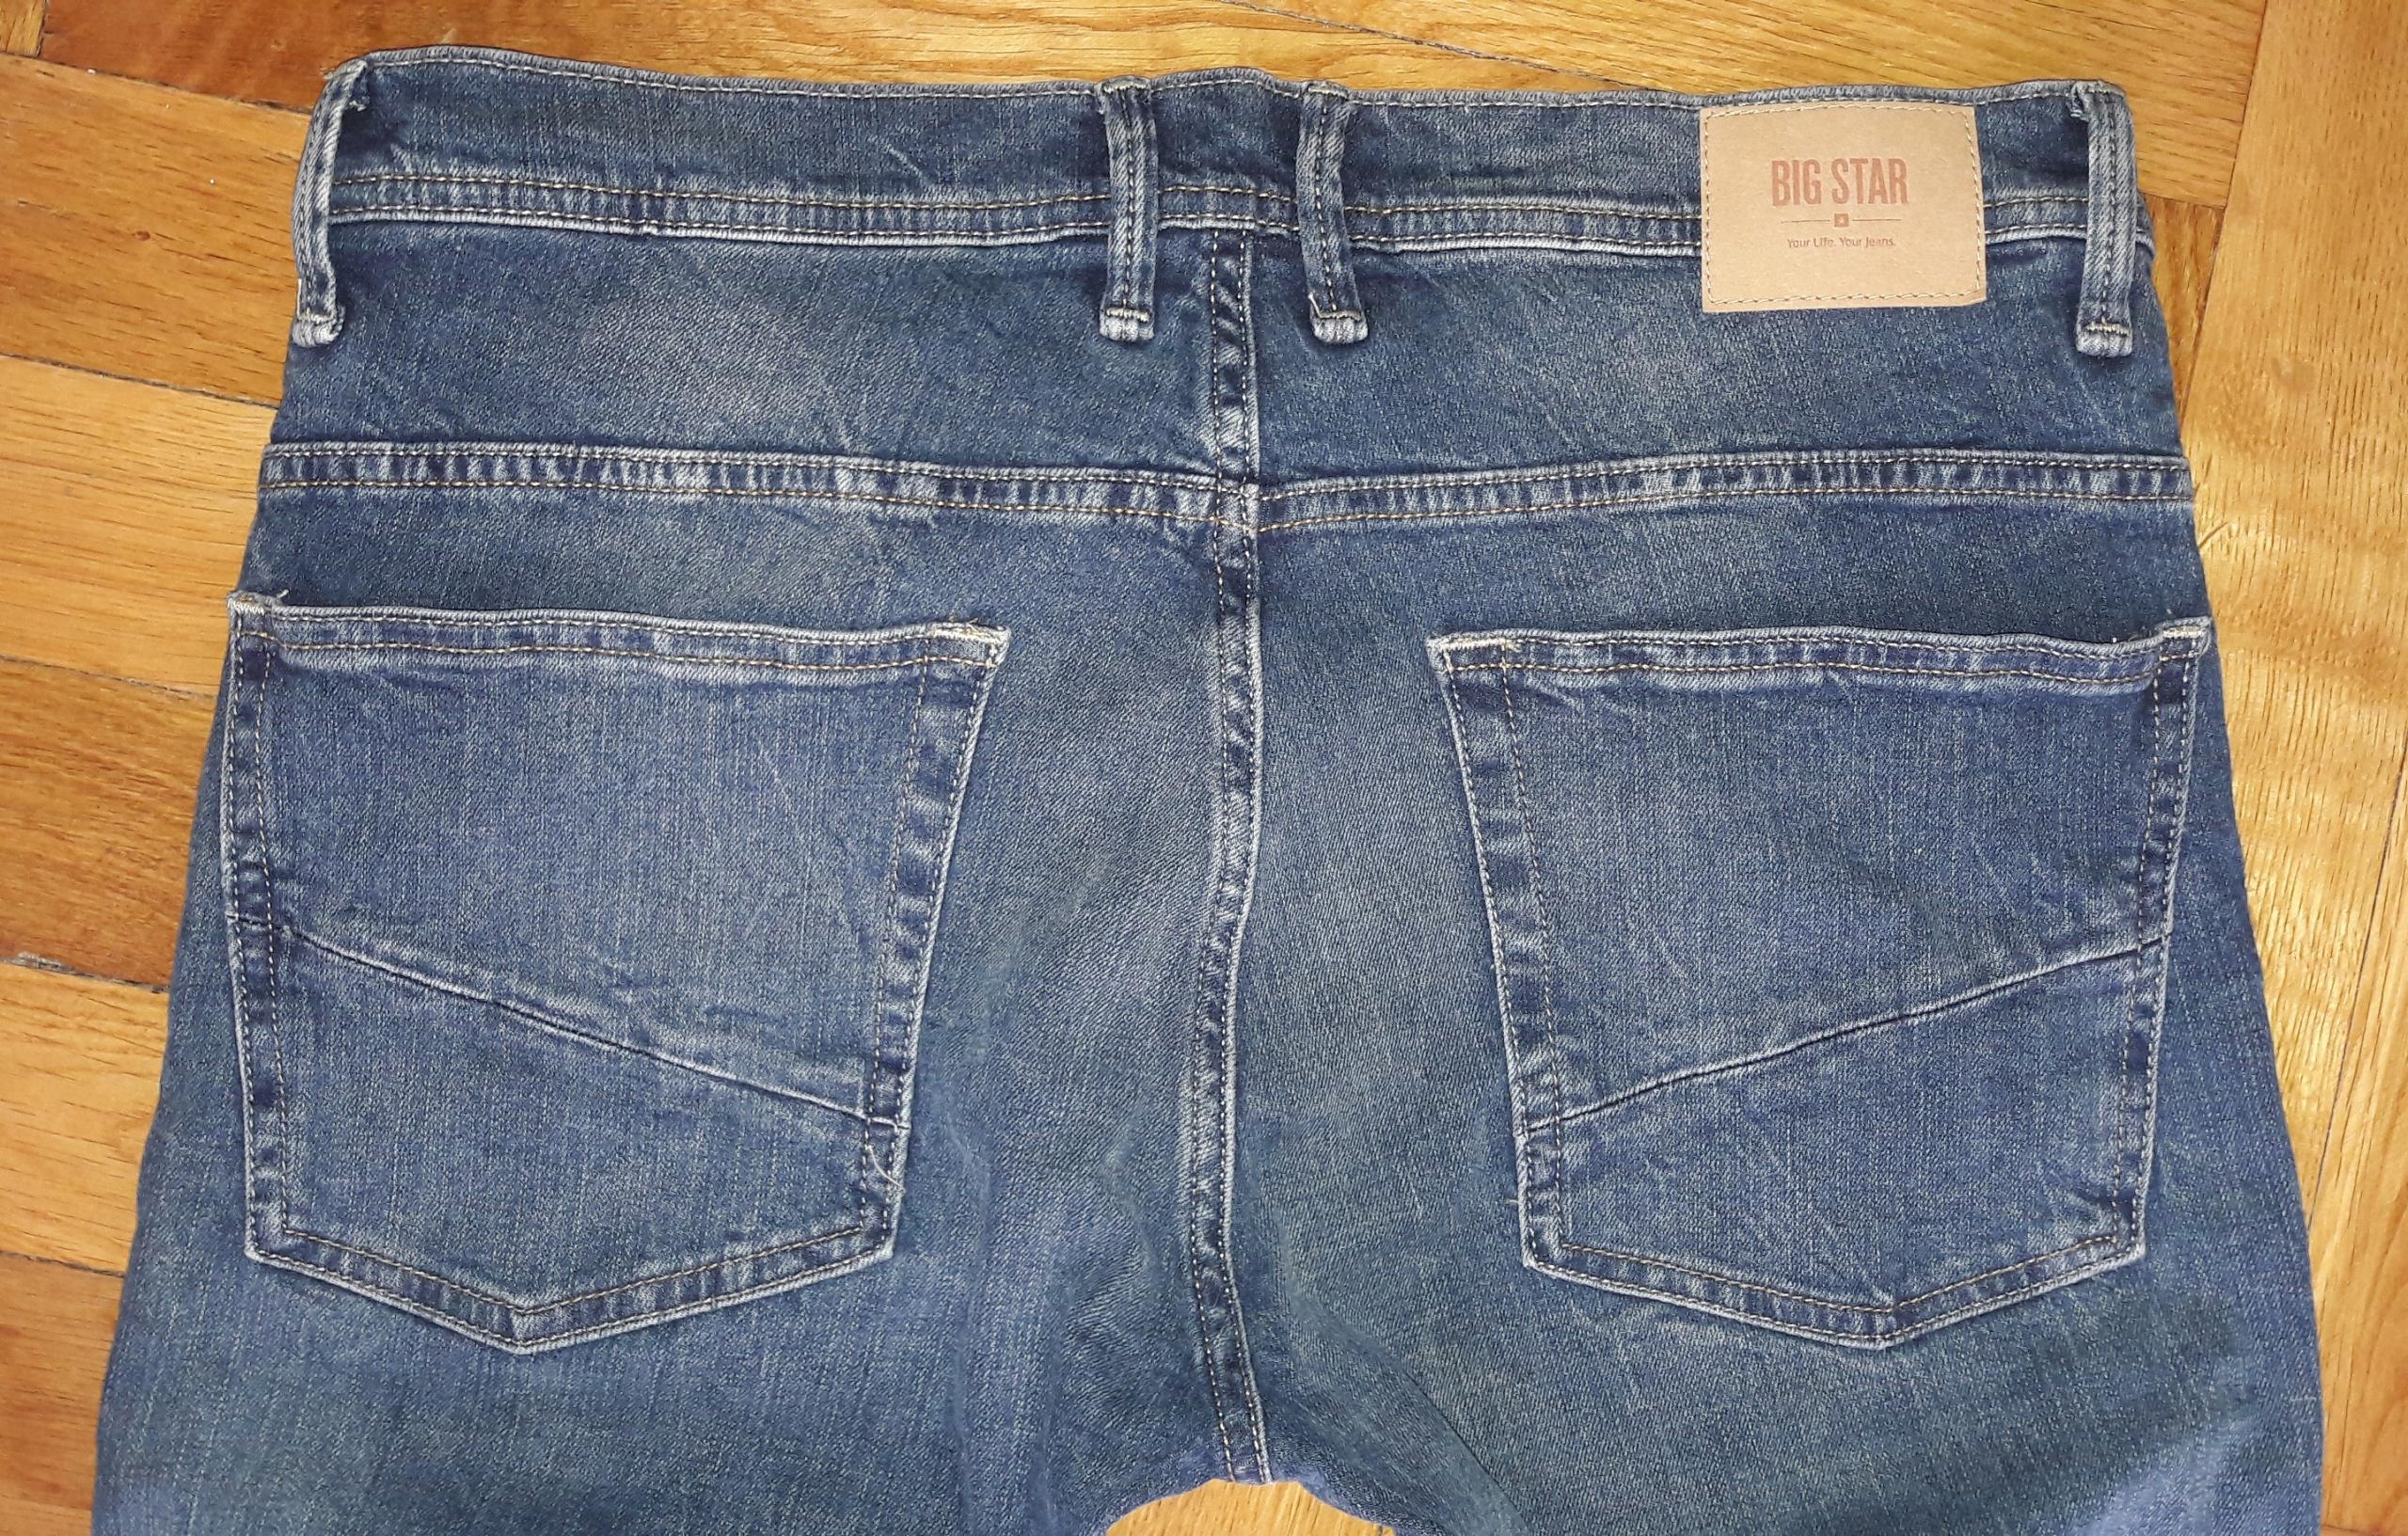 Spodnie męskie jeans Big Star Borys 340 W34L32